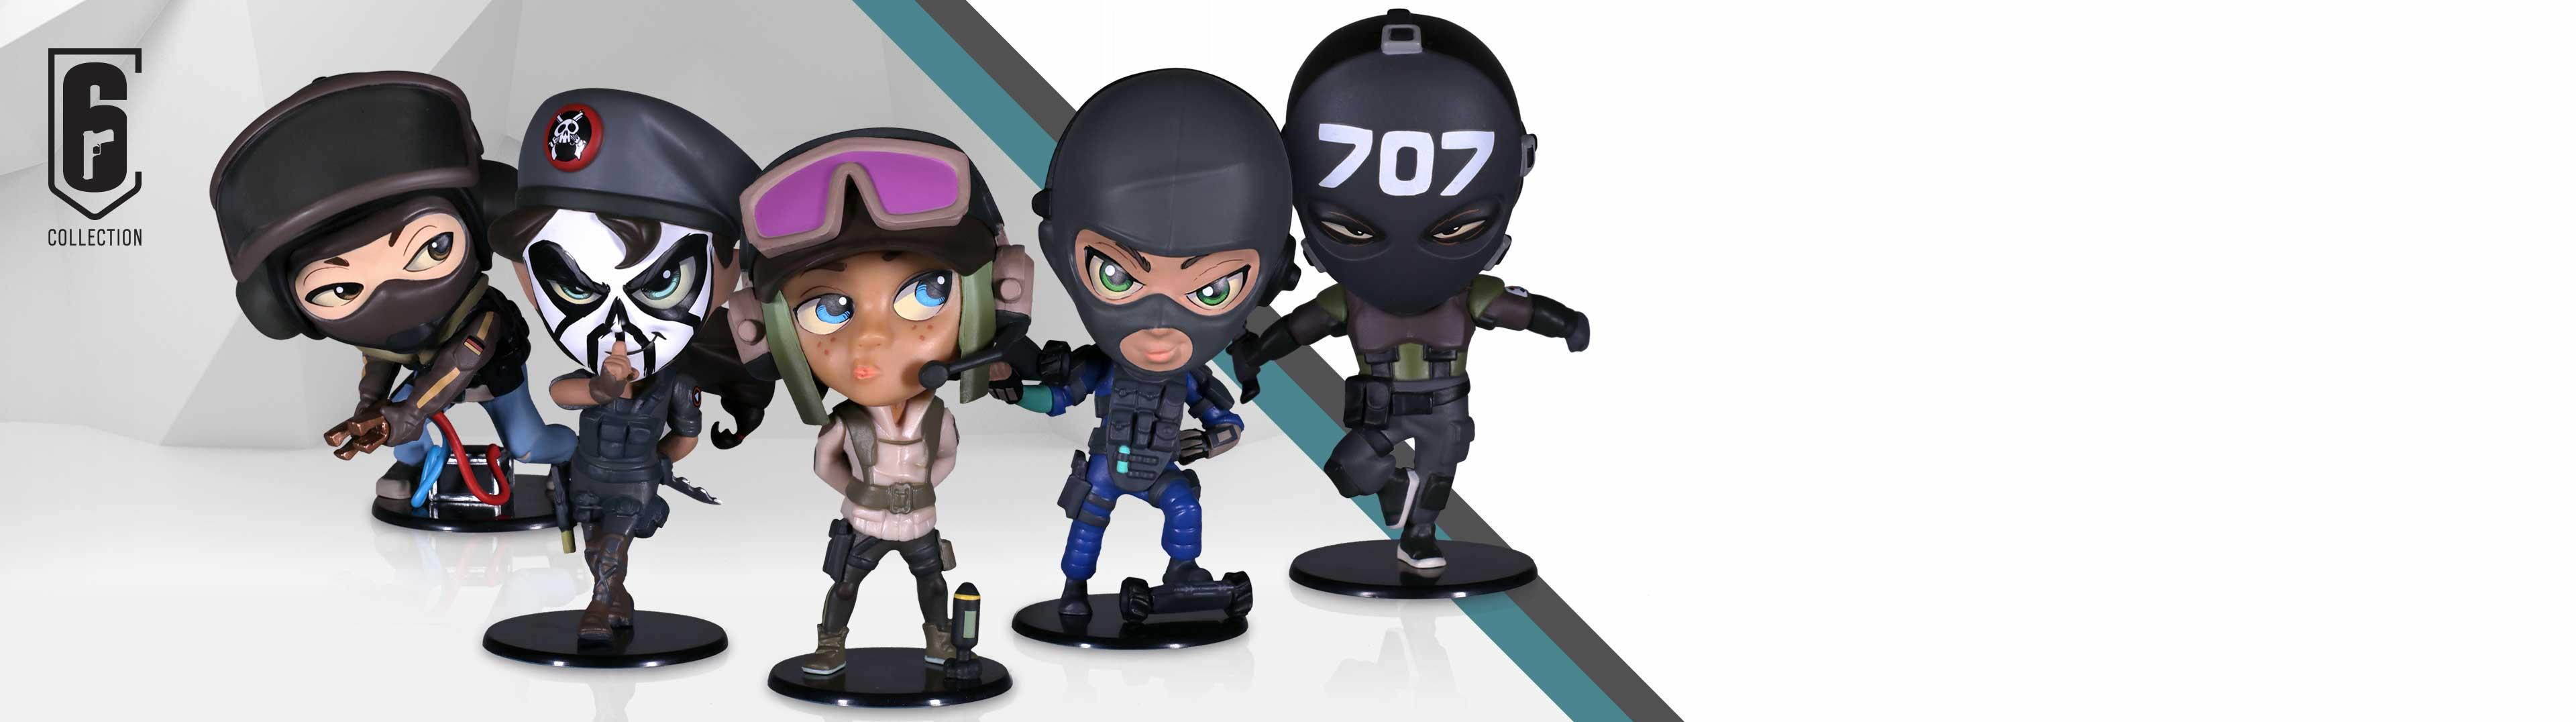 Les figurines Chibi sont de retour avec 5 nouveaux agents!